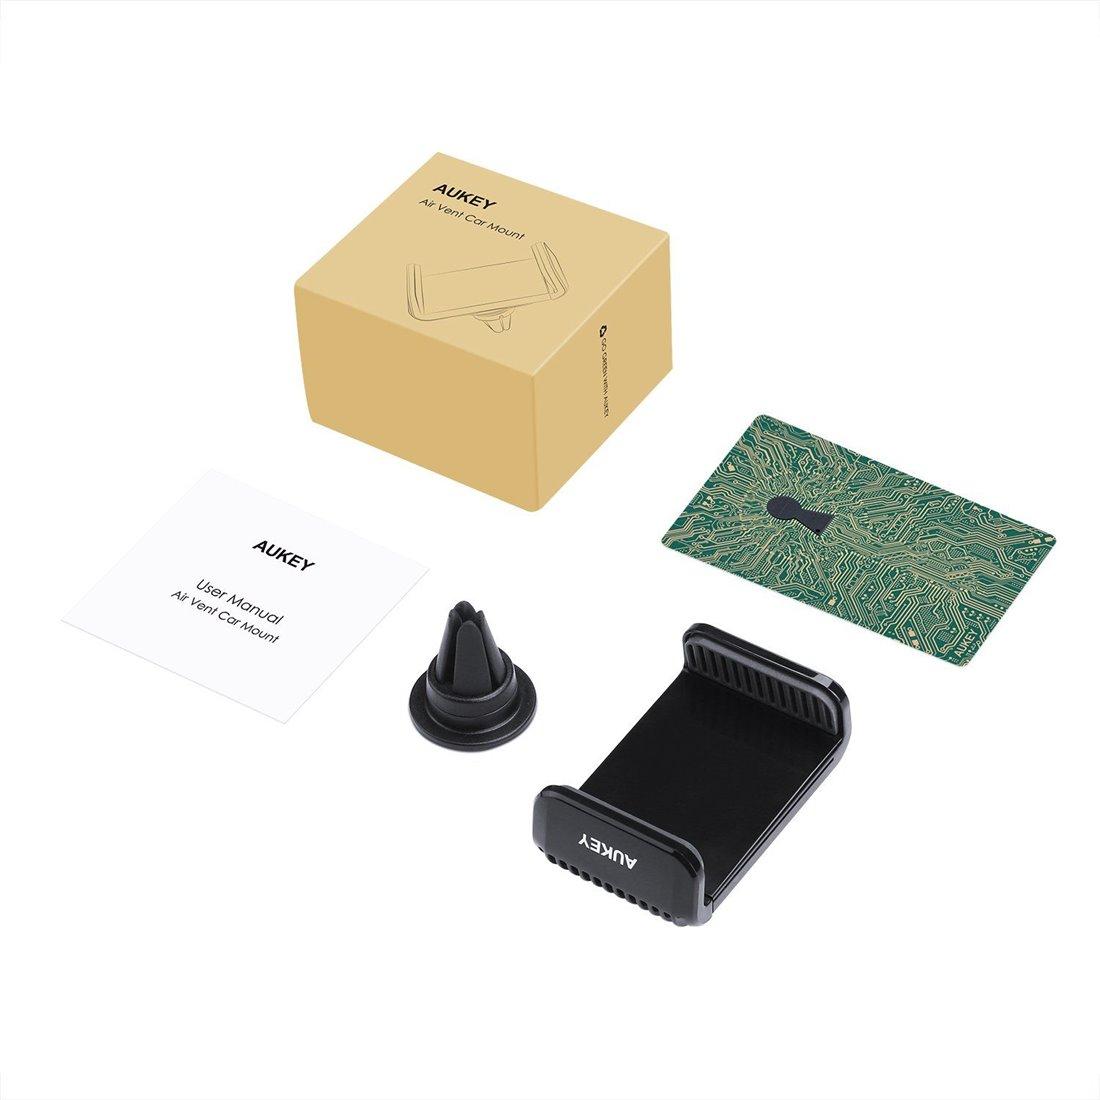 AUKEY Support Téléphone Voiture Support à Grille d'aération avec Rotation à 360 Degrés Support Airframe pour iPhone 7 / 7 Plu